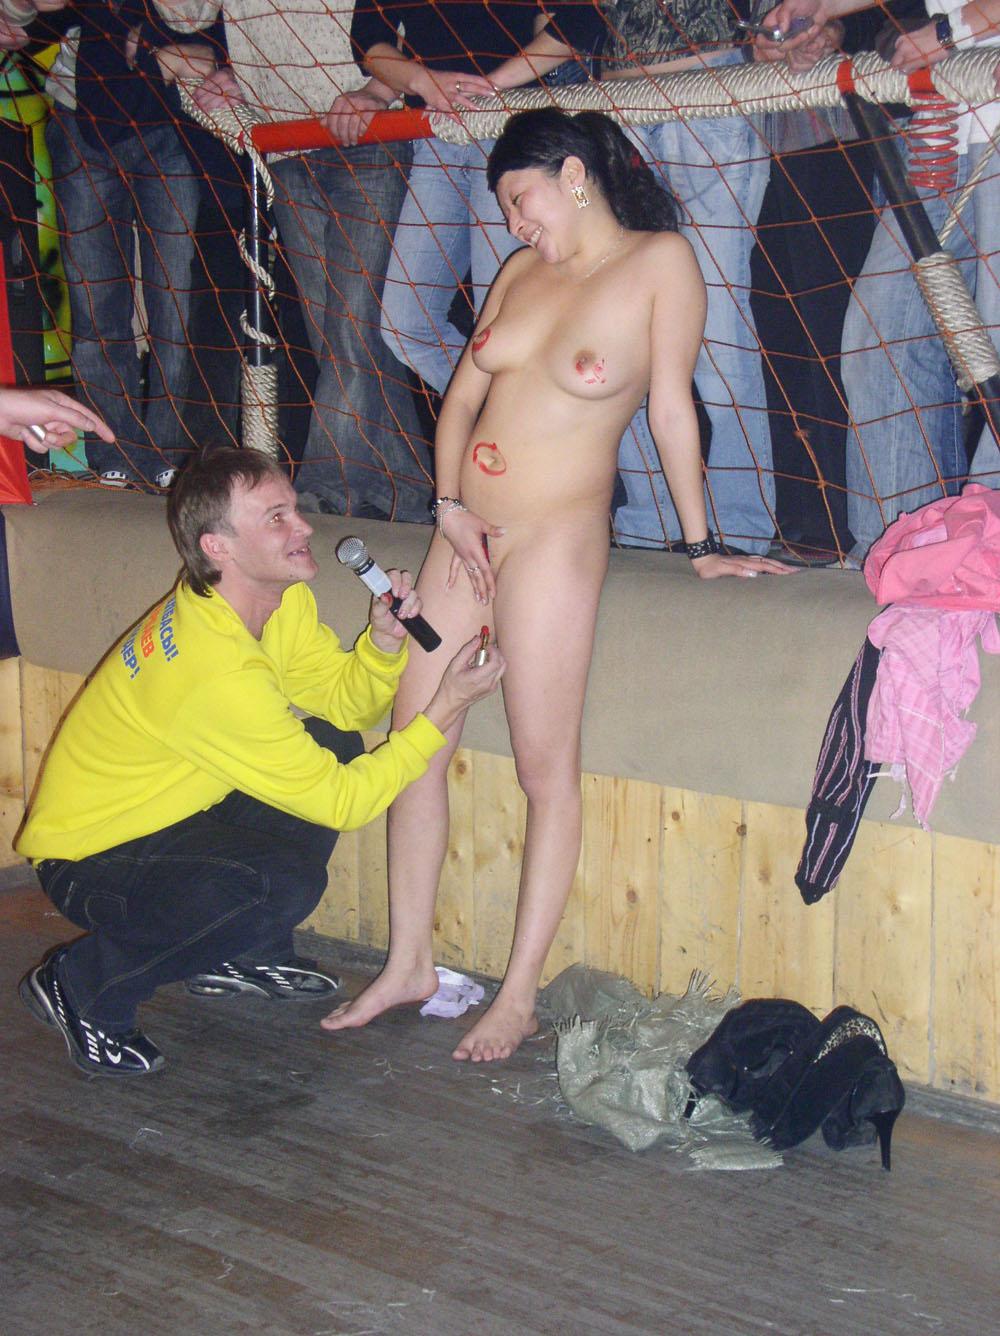 Сексуальный конкурс в клубе 16 фотография